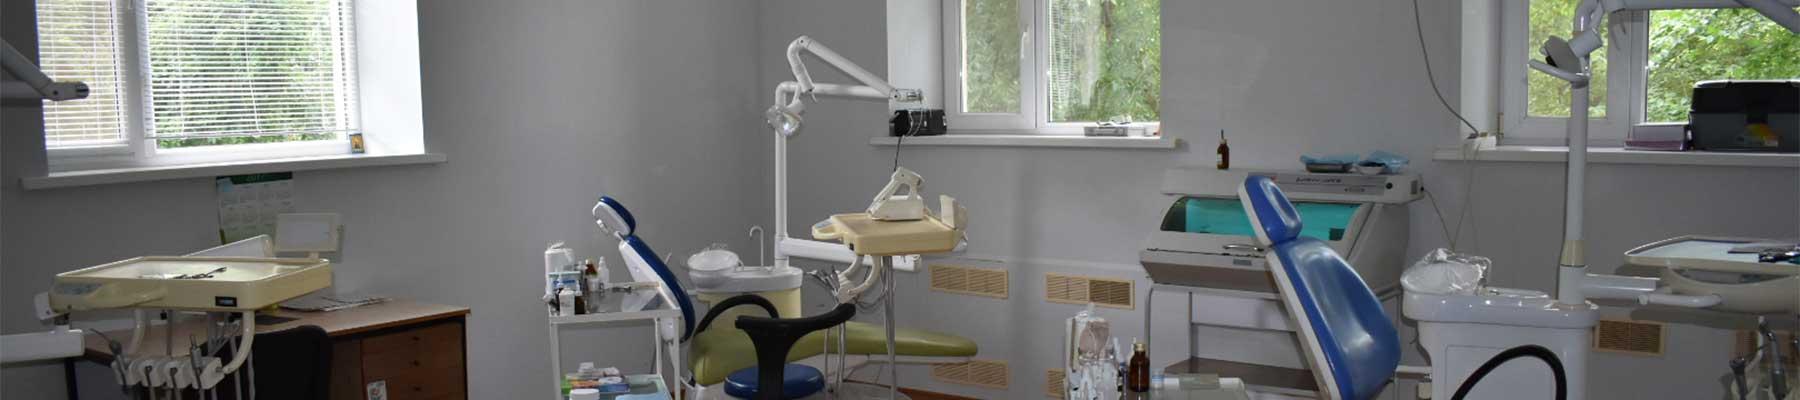 ГАУЗ СК Стоматологическая поликлиника г.Нефтекумск